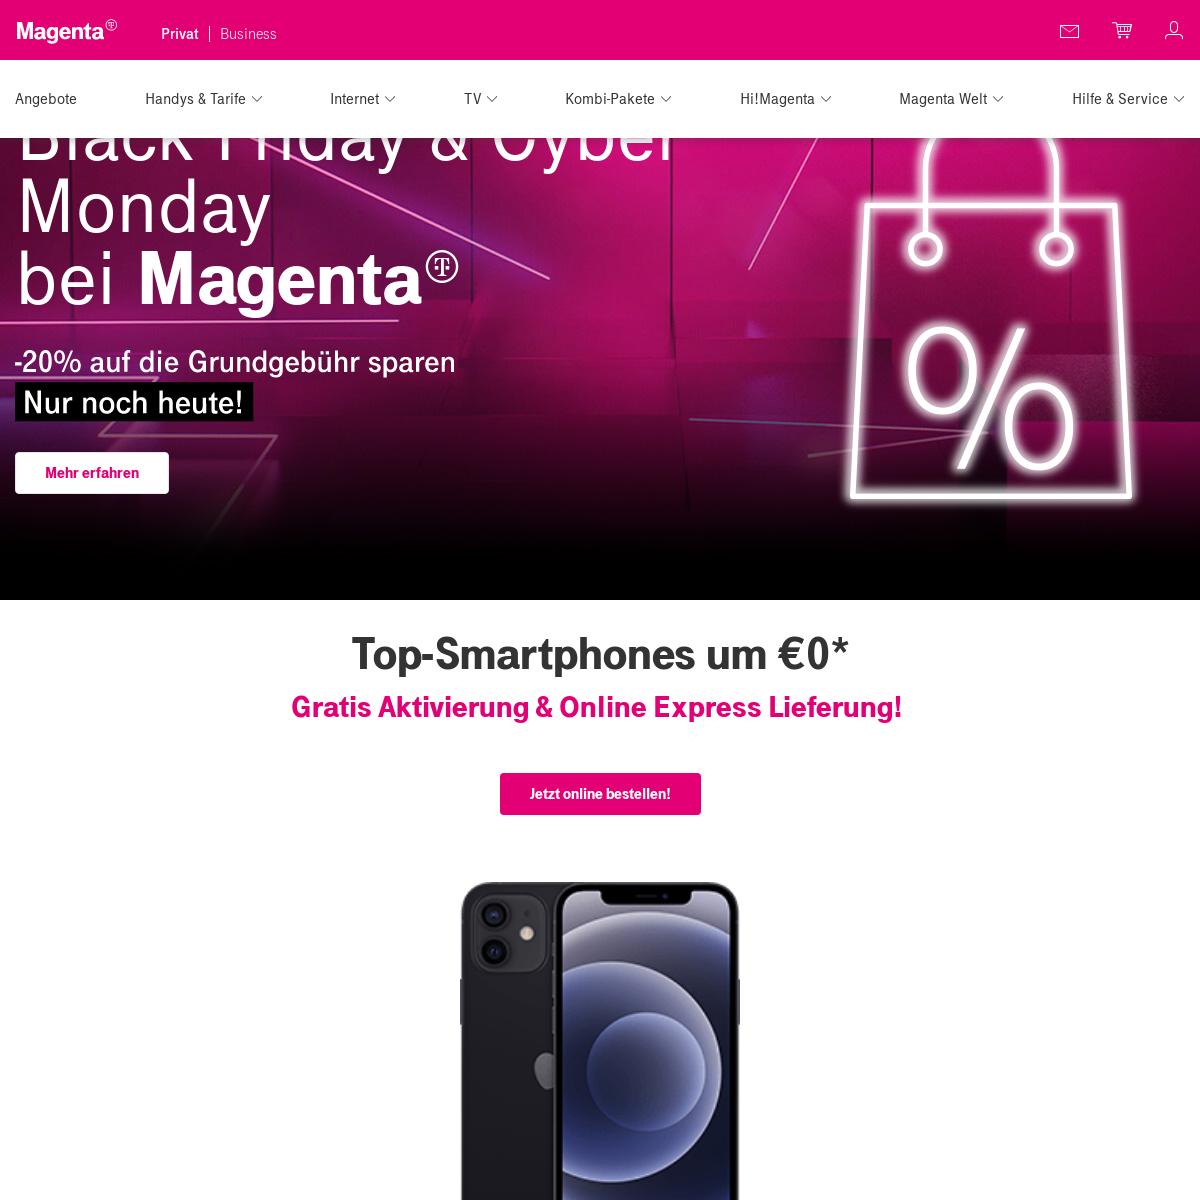 Handy, Festnetz, Internet, TV, Unternehmenslösungen - Magenta